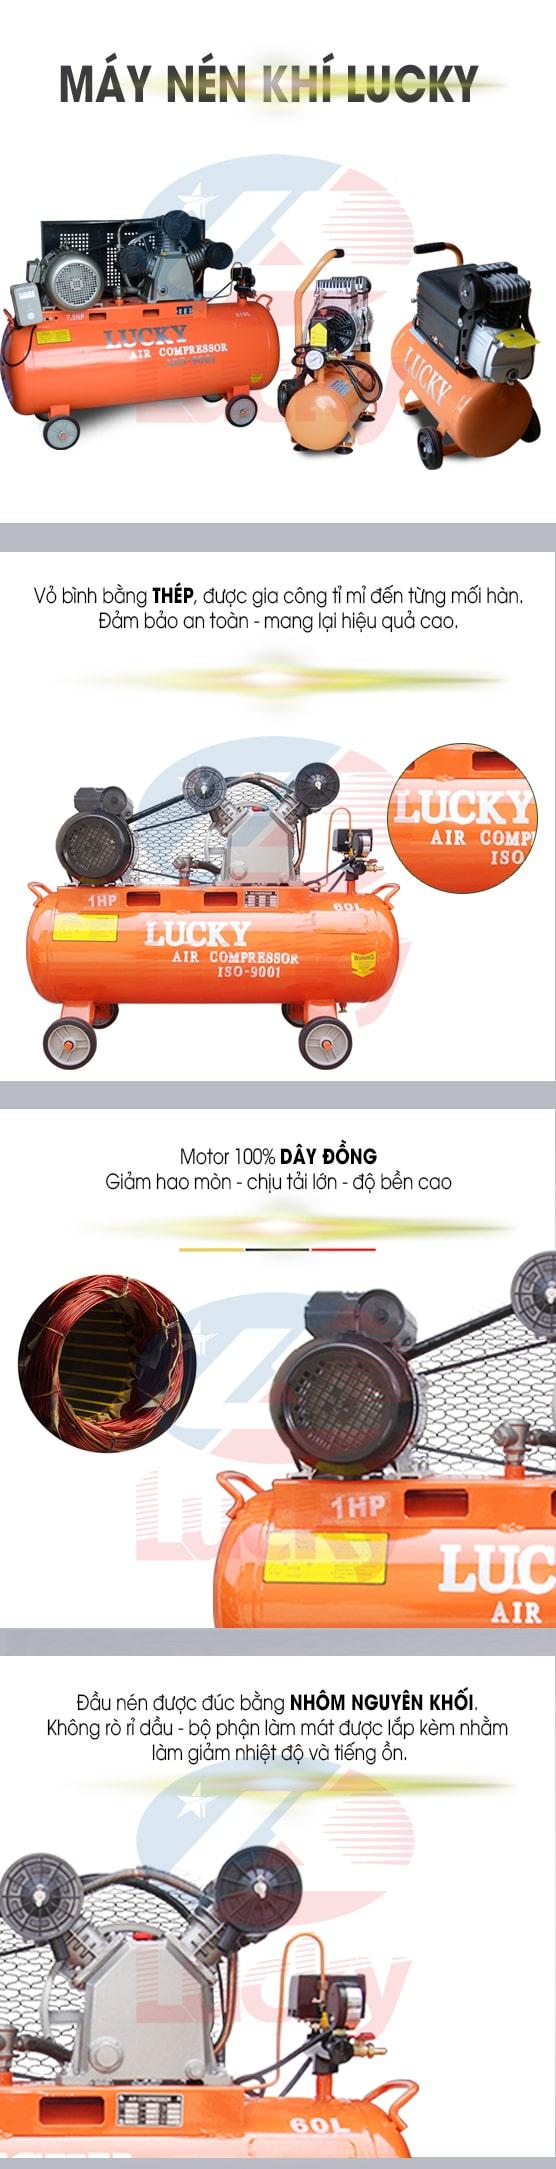 máy nén khí lucky